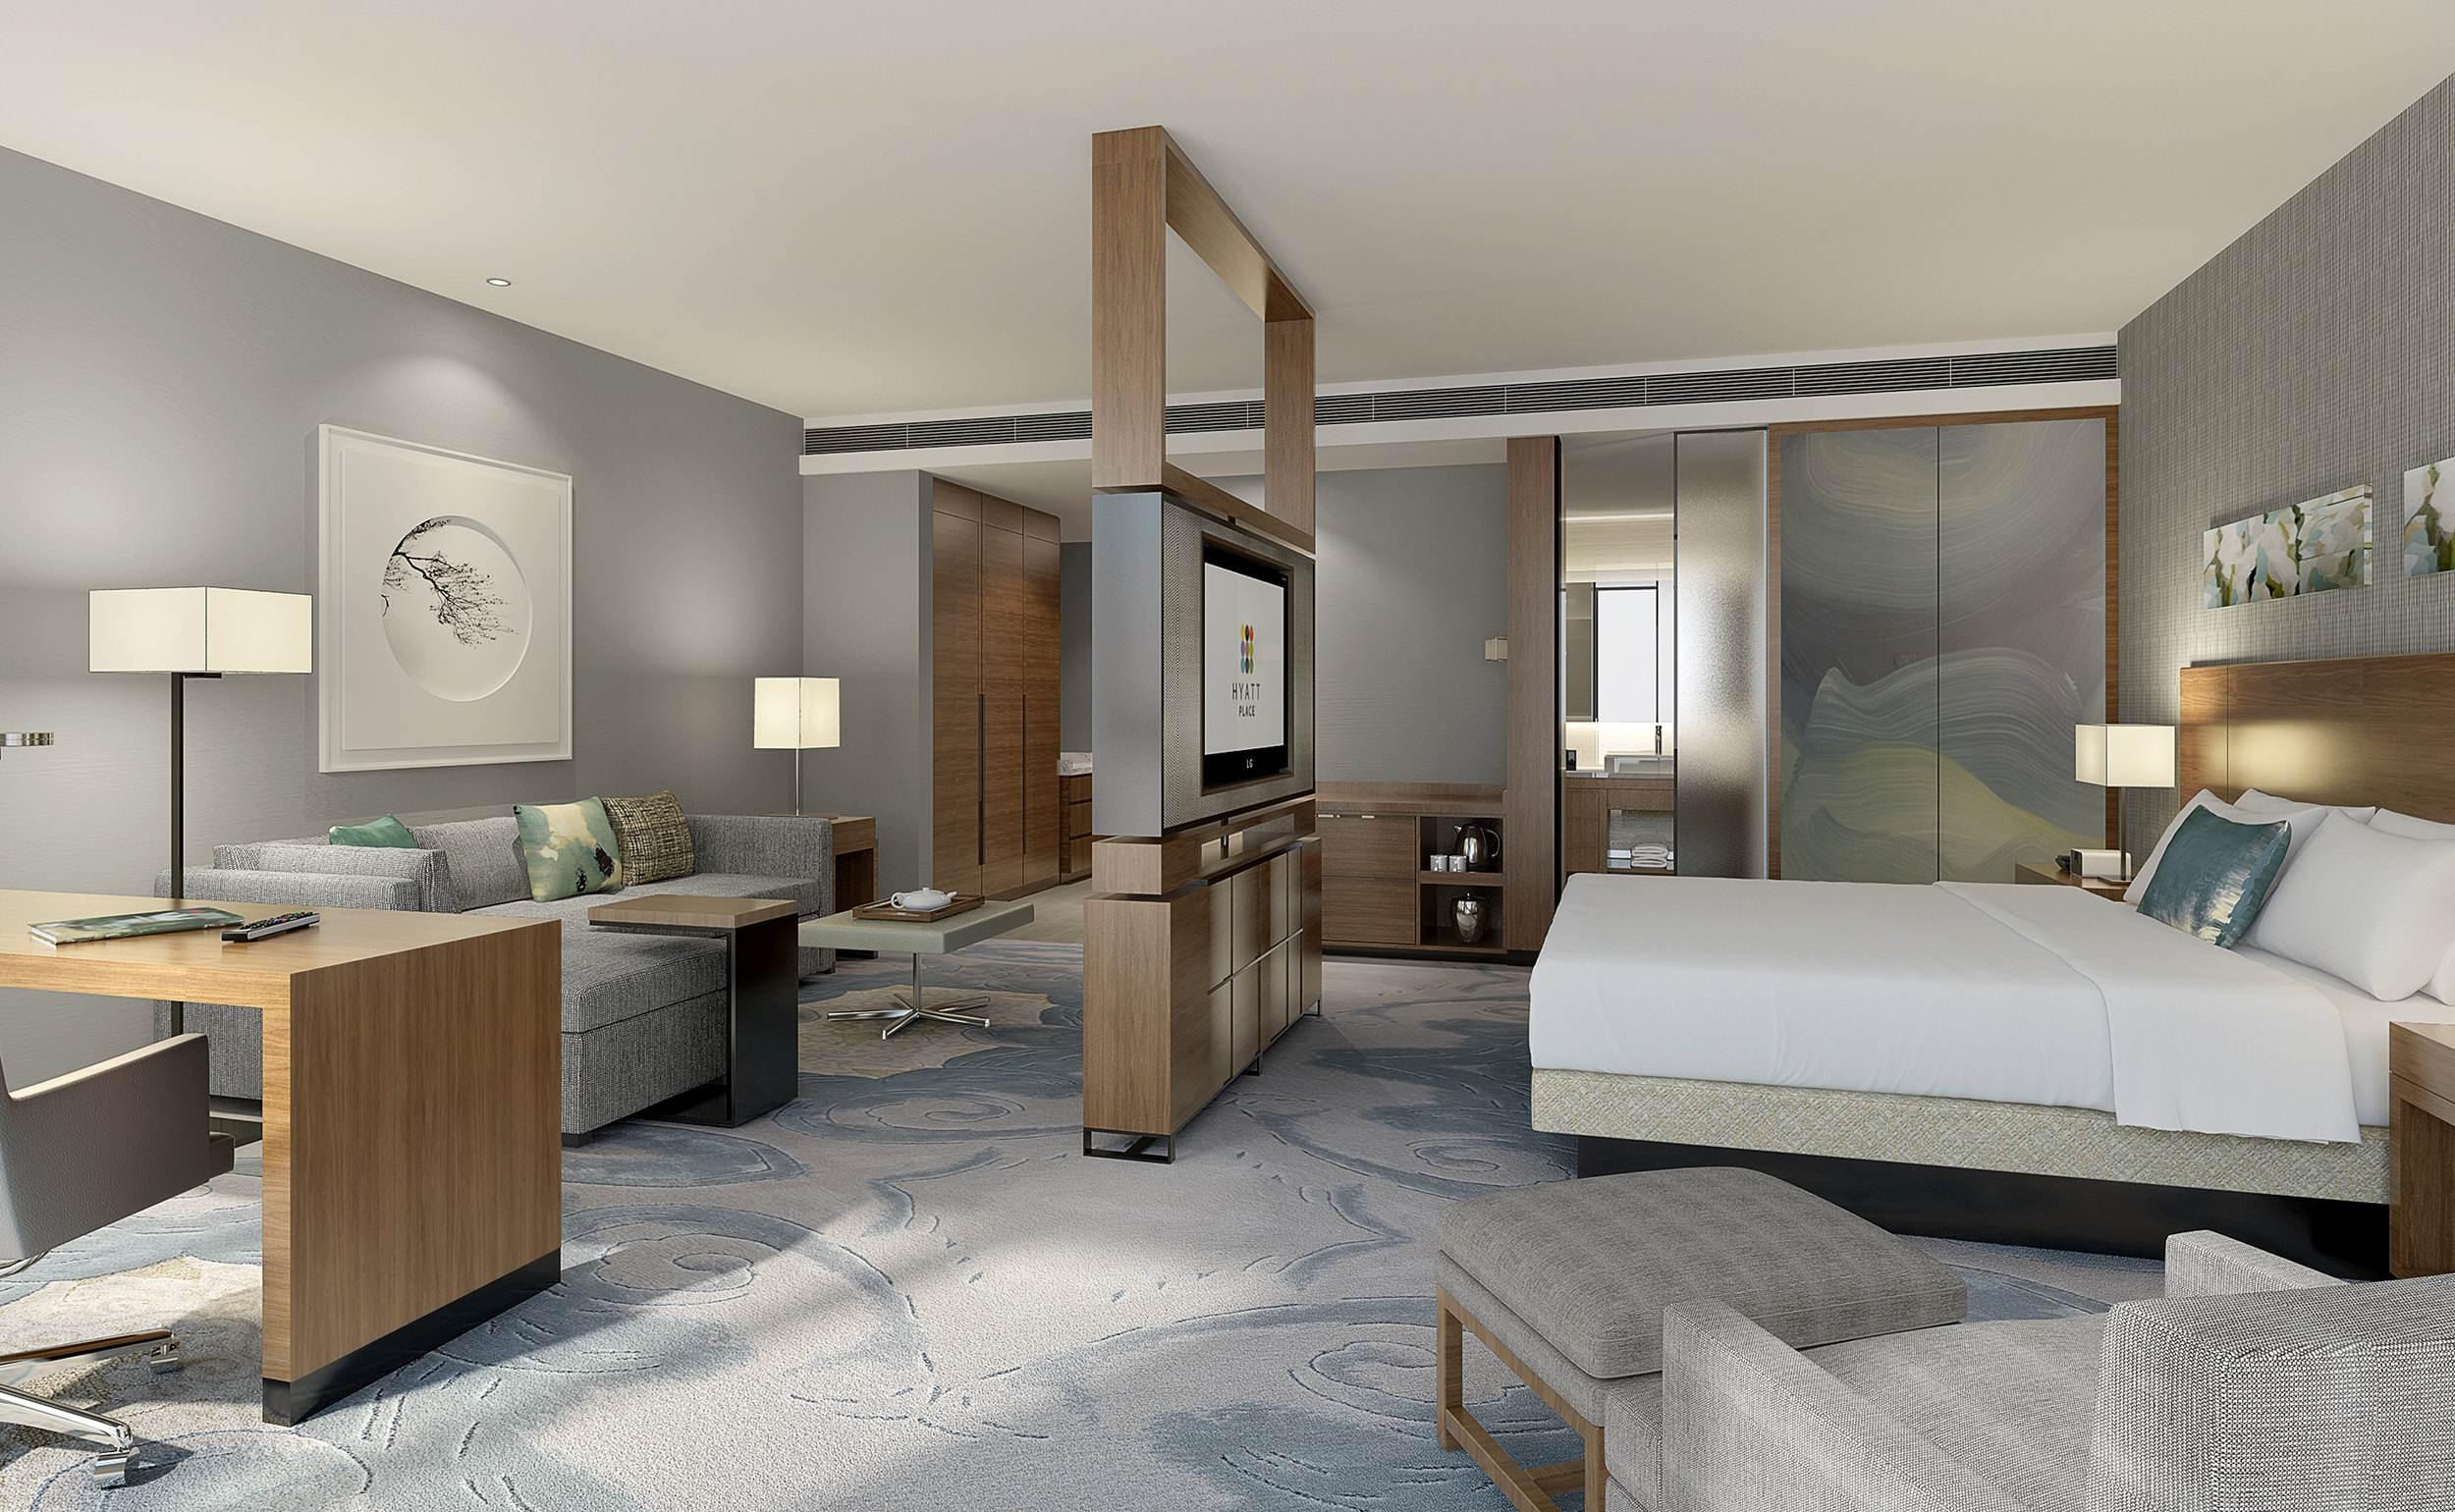 酒店装修是一个高门槛的专业设计行业